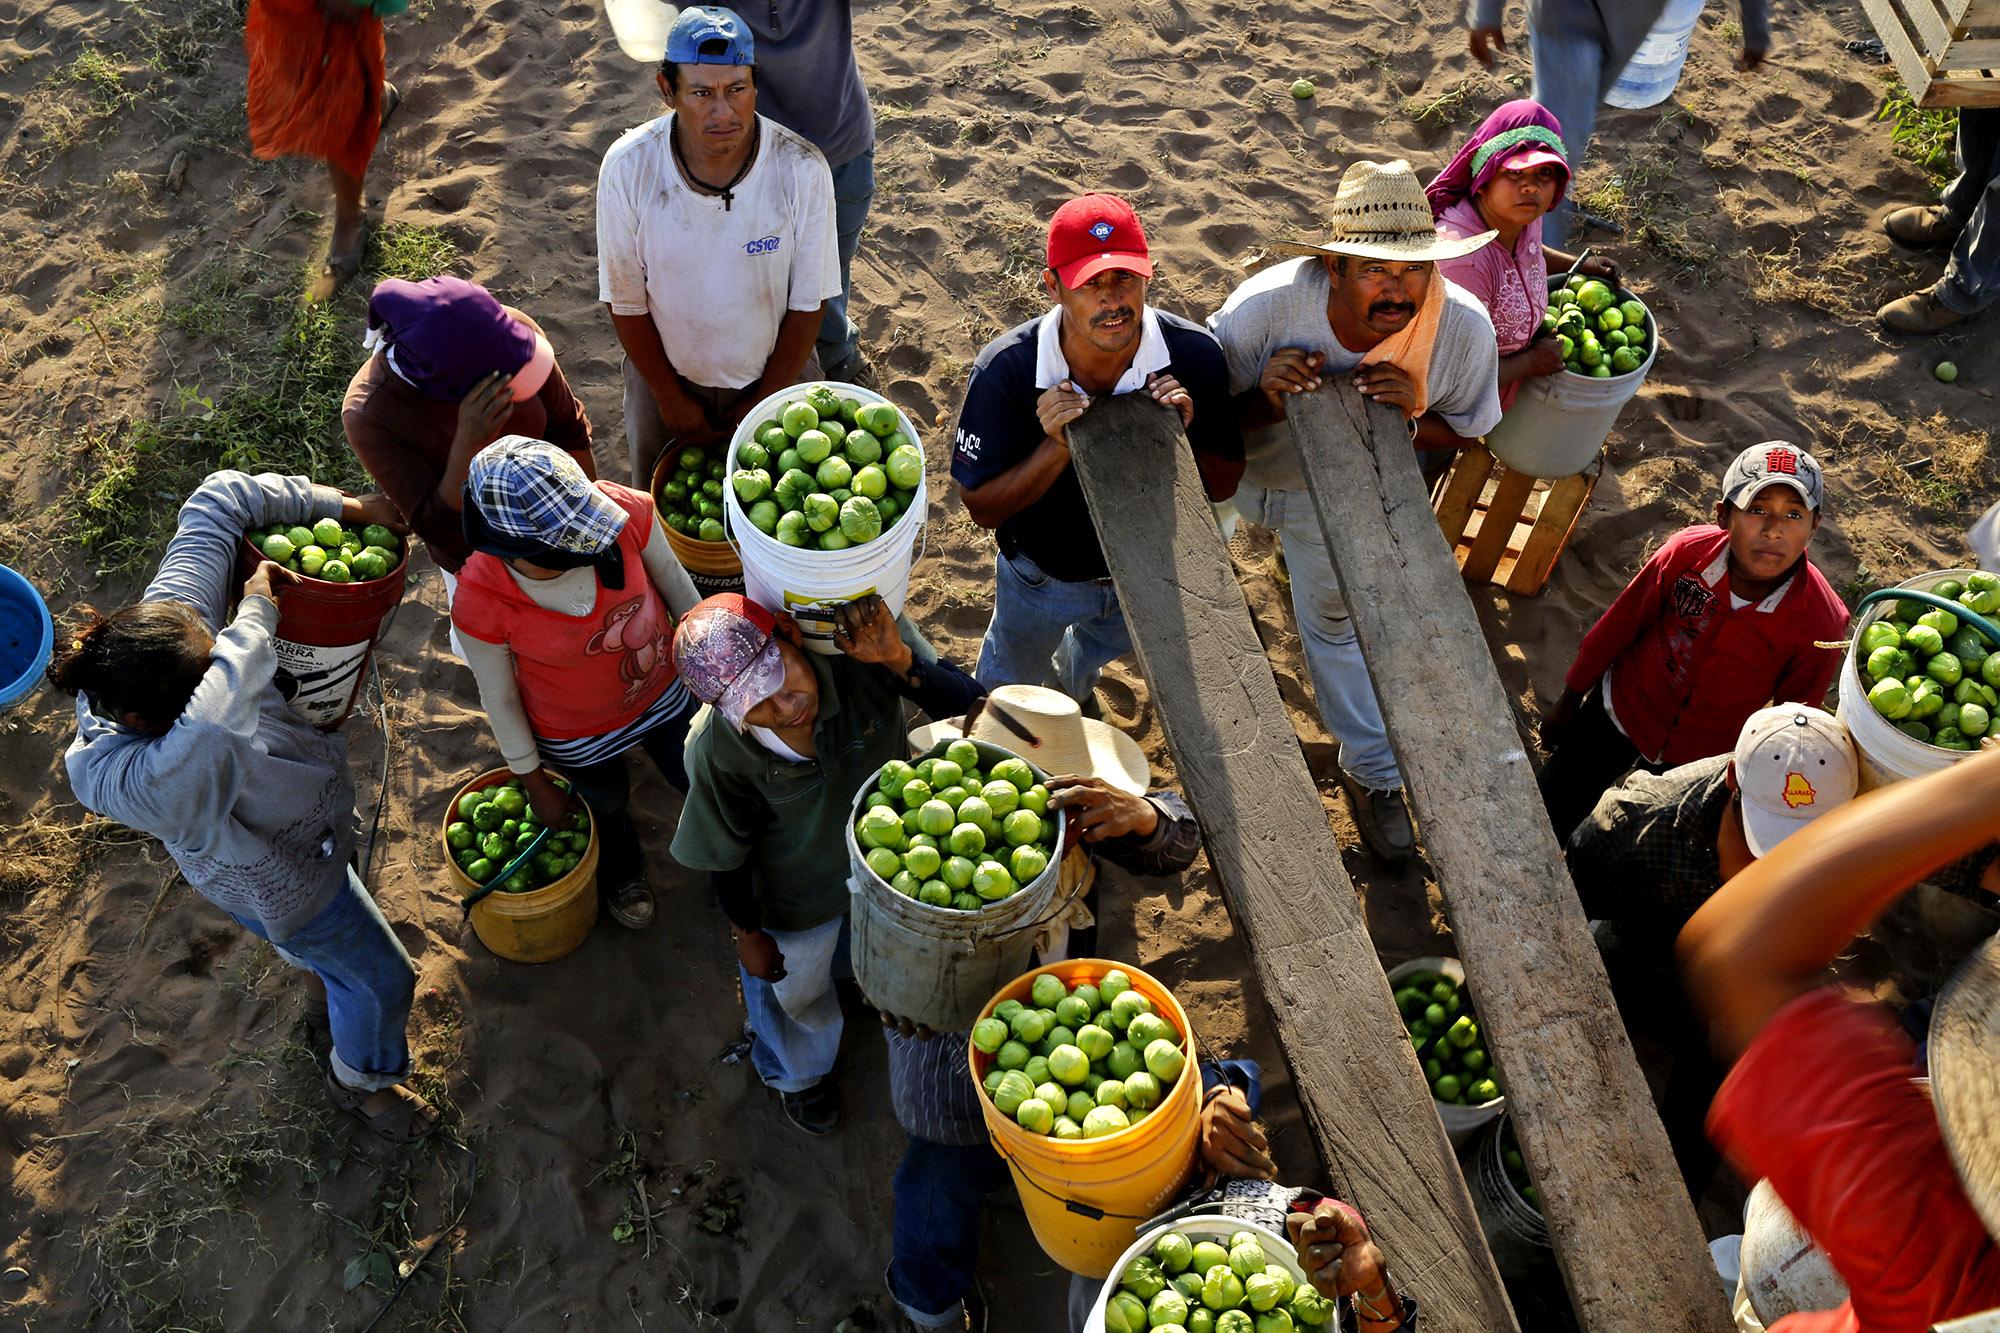 В США достаточно неквалифицированных работников из Латинской Америки. Фото: latimes.com